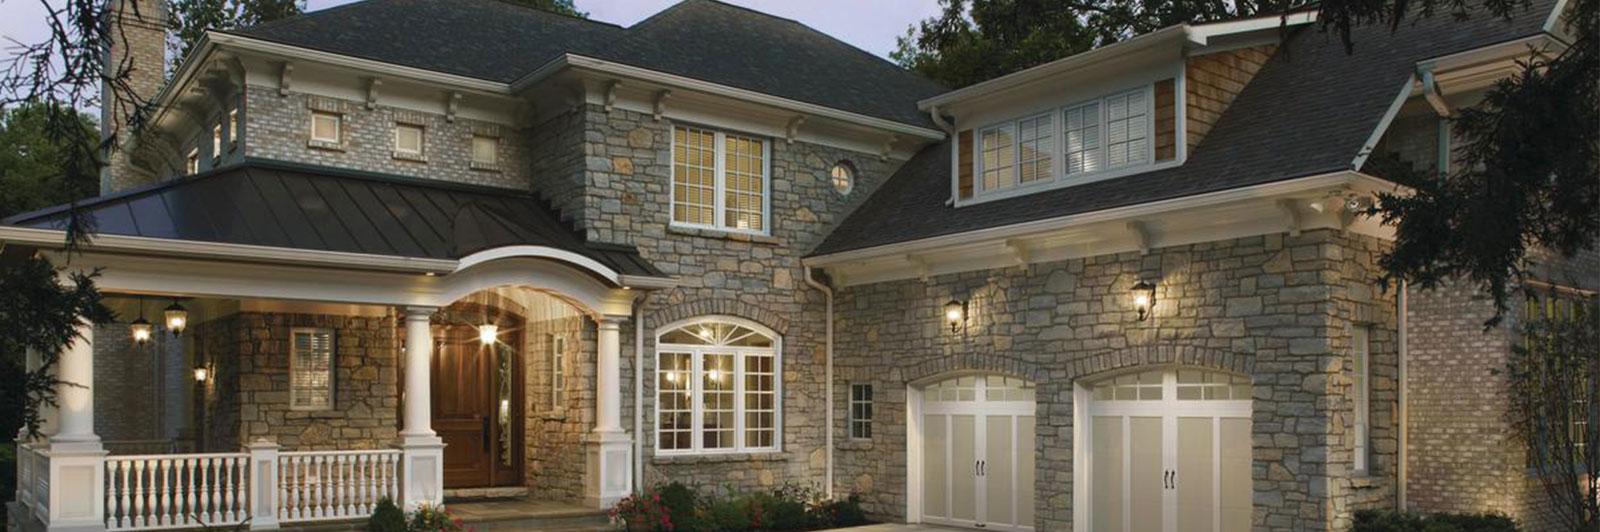 Crawford Door Systems Wilmington Nc Garage Doors